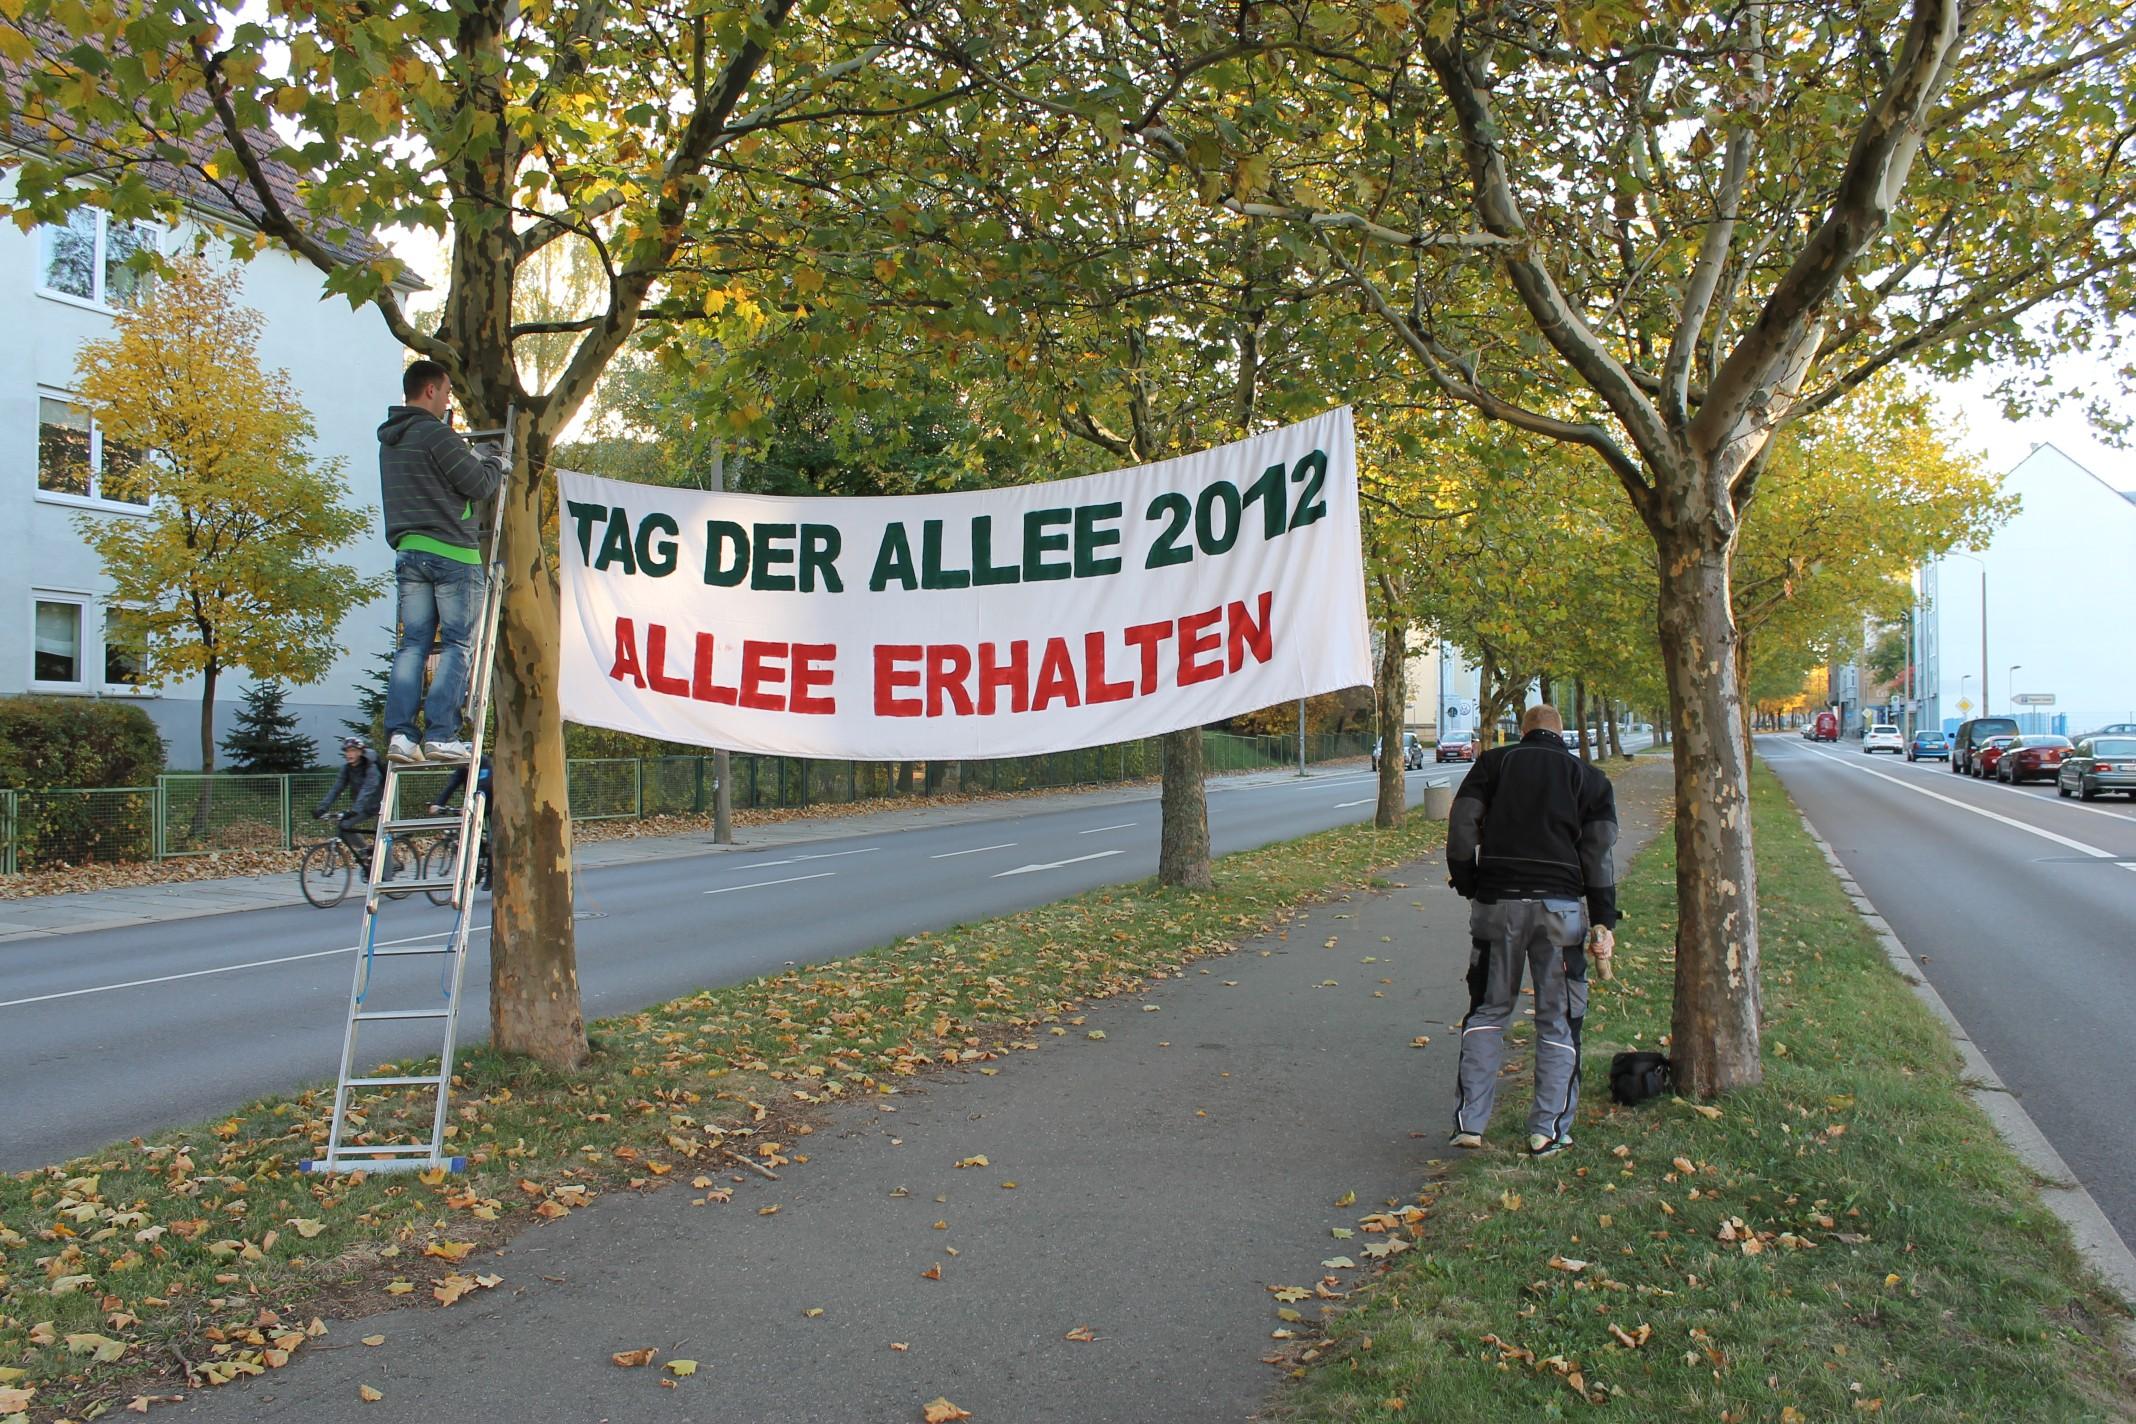 tag-der-allee-reichenhainer-strasse-chemnitz-002